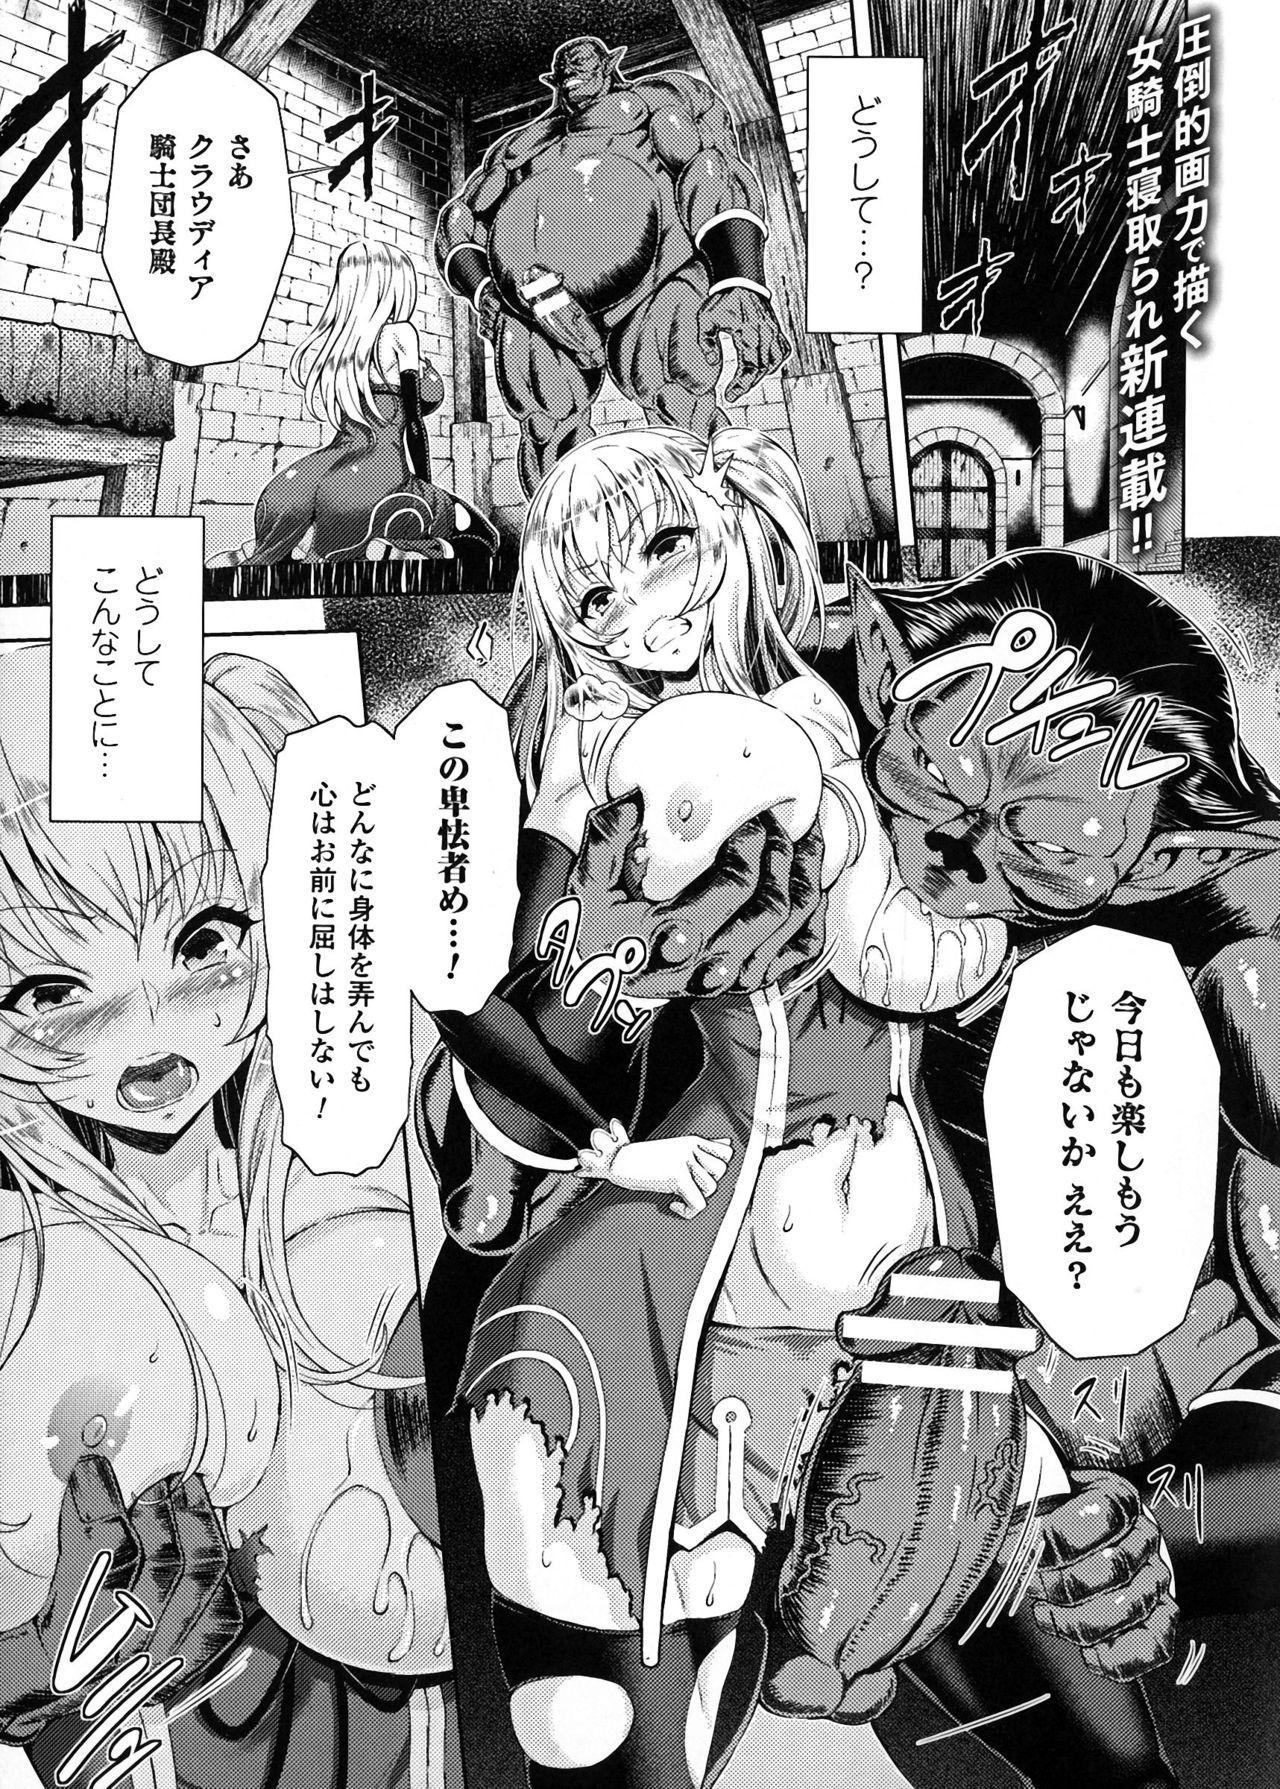 ERONA Orc no Inmon ni Okasareta Onna Kishi no Matsuro 0